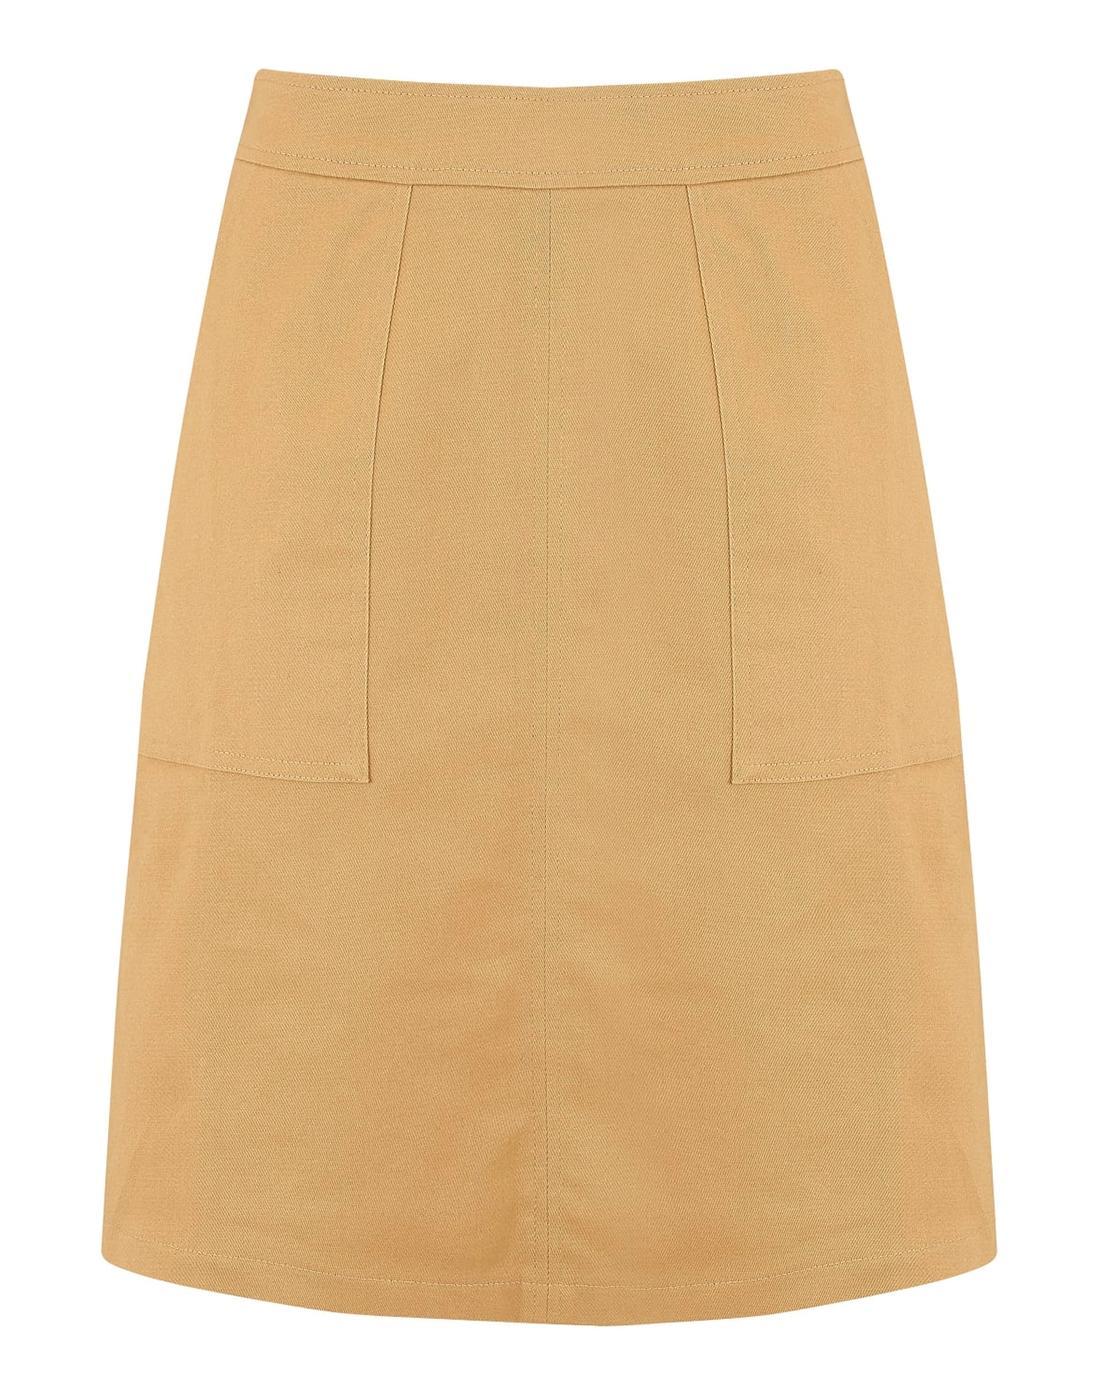 Daria SUGARHILL BOUTIQUE Retro Mod A-Line Skirt